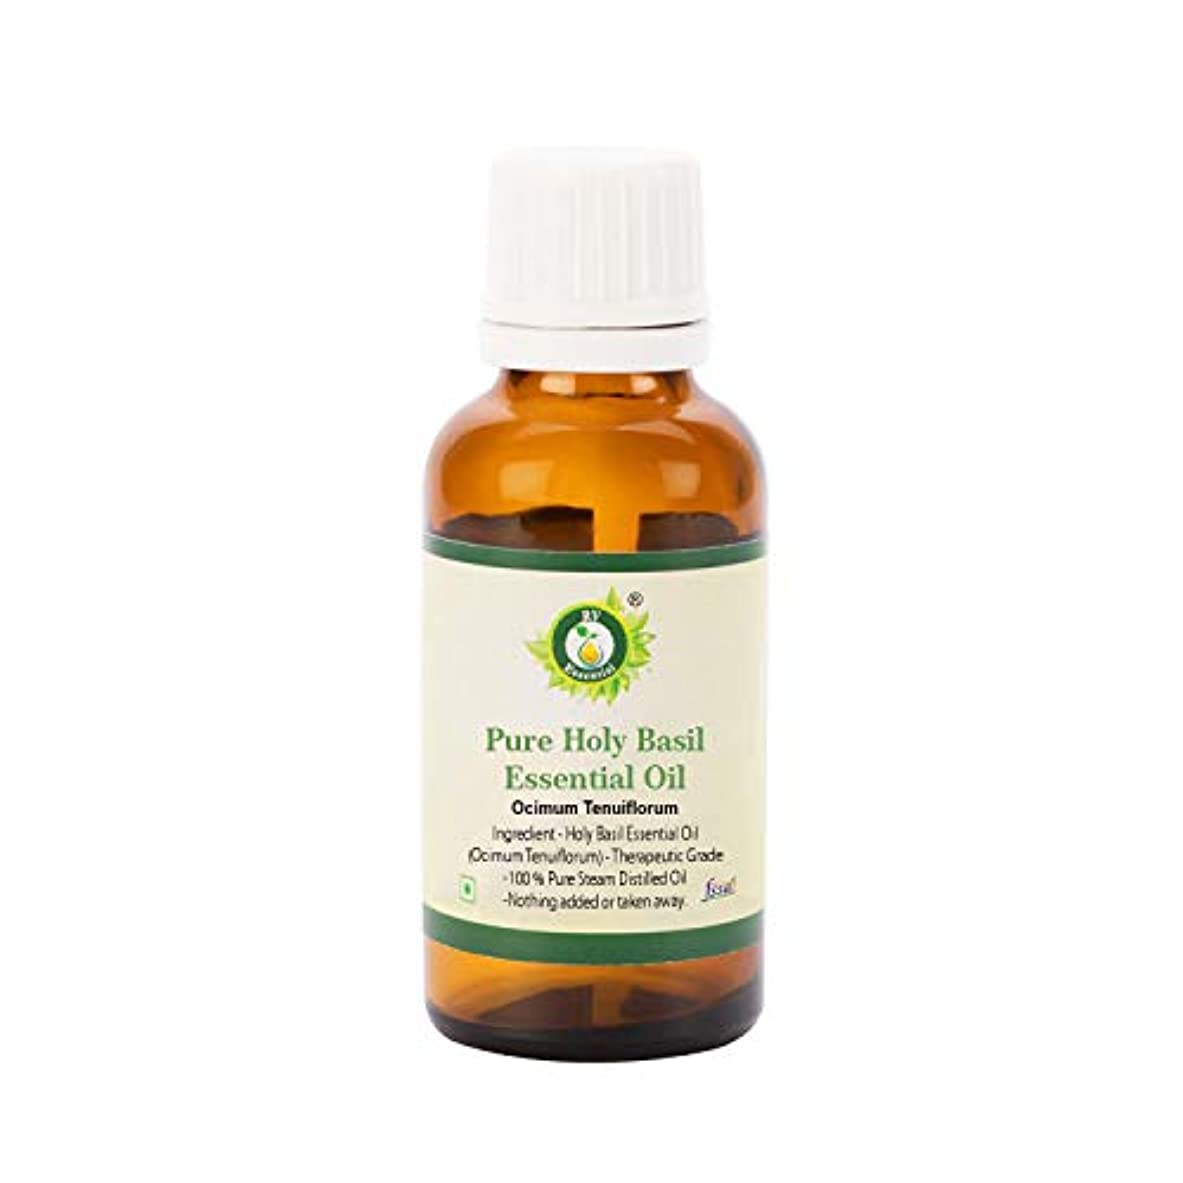 援助アンテナ新鮮なR V Essential ピュアホーリーバジルエッセンシャルオイル30ml (1.01oz)- Ocimum Tenuiflorum (100%純粋&天然スチームDistilled) Pure Holy Basil Essential...